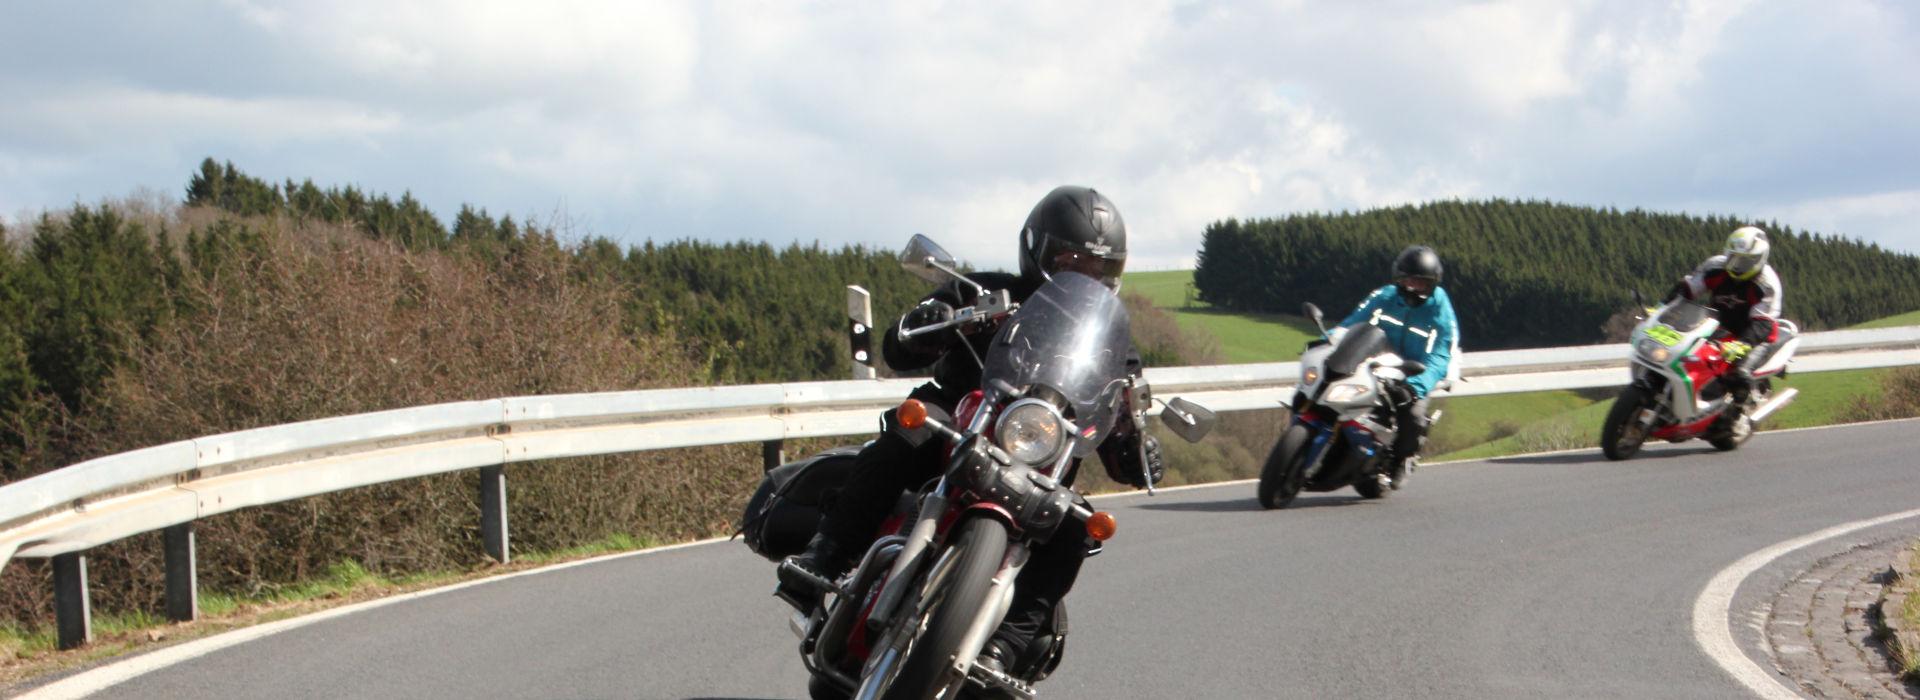 Motorrijbewijspoint Merkelbeek spoedcursus motorrijbewijs